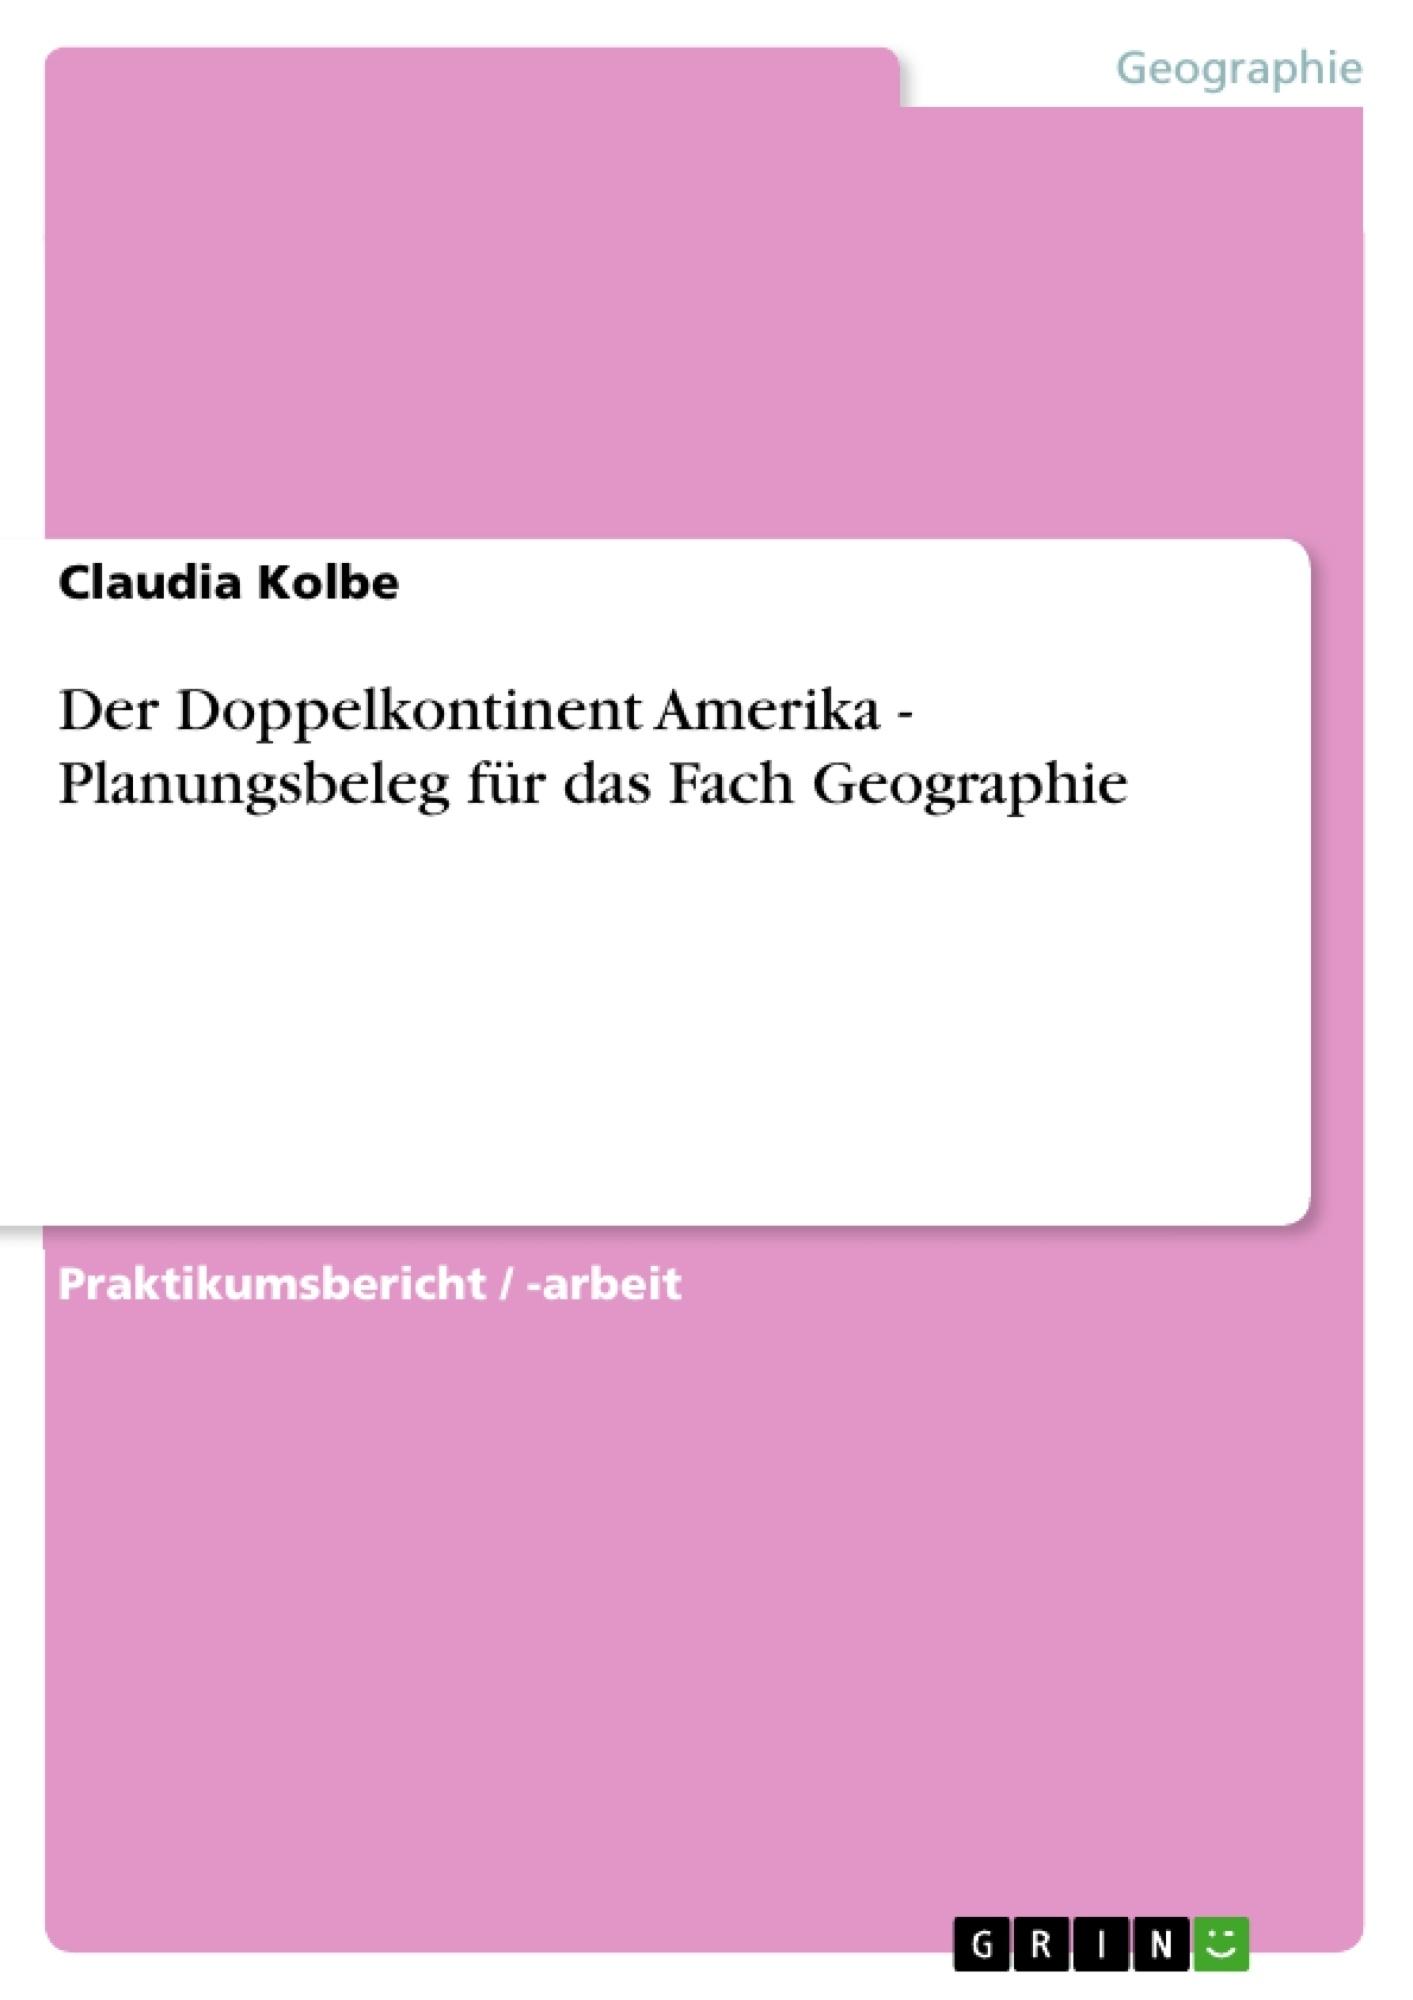 Titel: Der Doppelkontinent Amerika - Planungsbeleg für das Fach Geographie